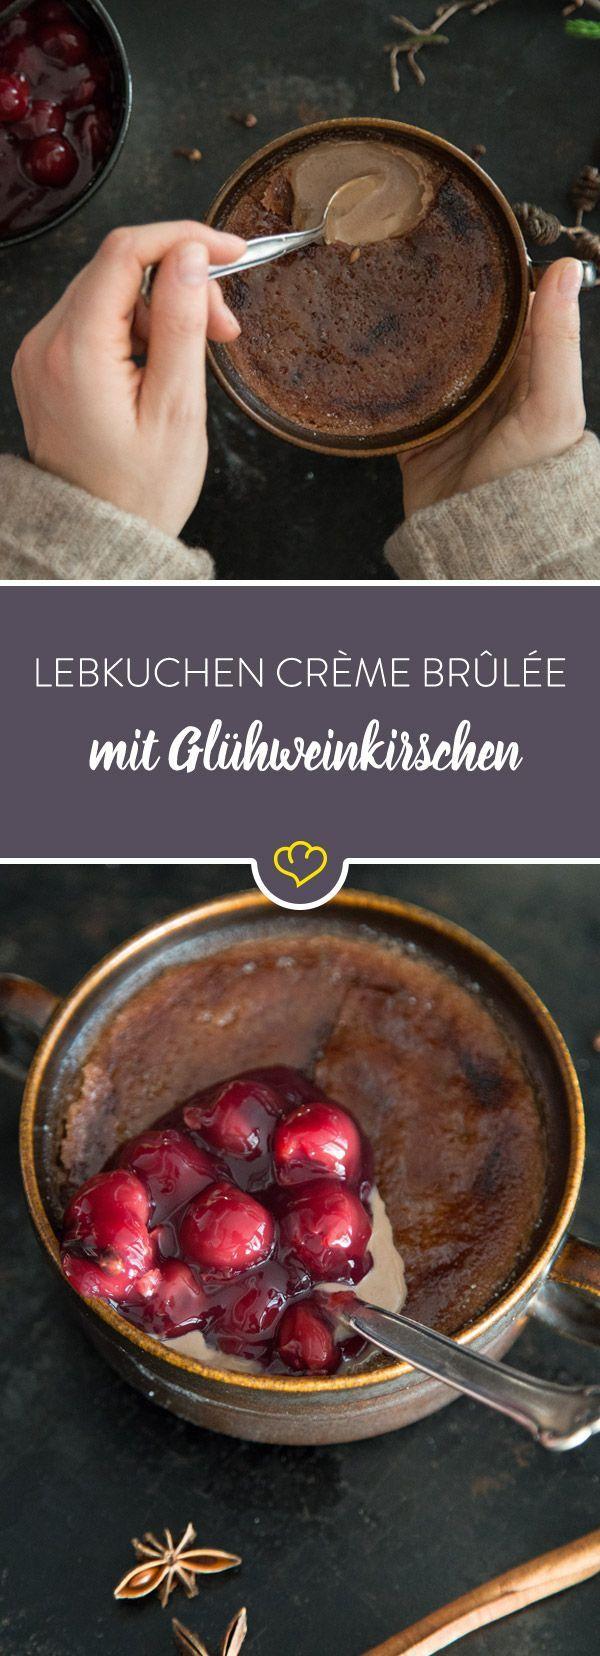 Schokoladenlebkuchencreme brulee mit Glühweinkirschen   - Weihnachten - Rezeptideen -